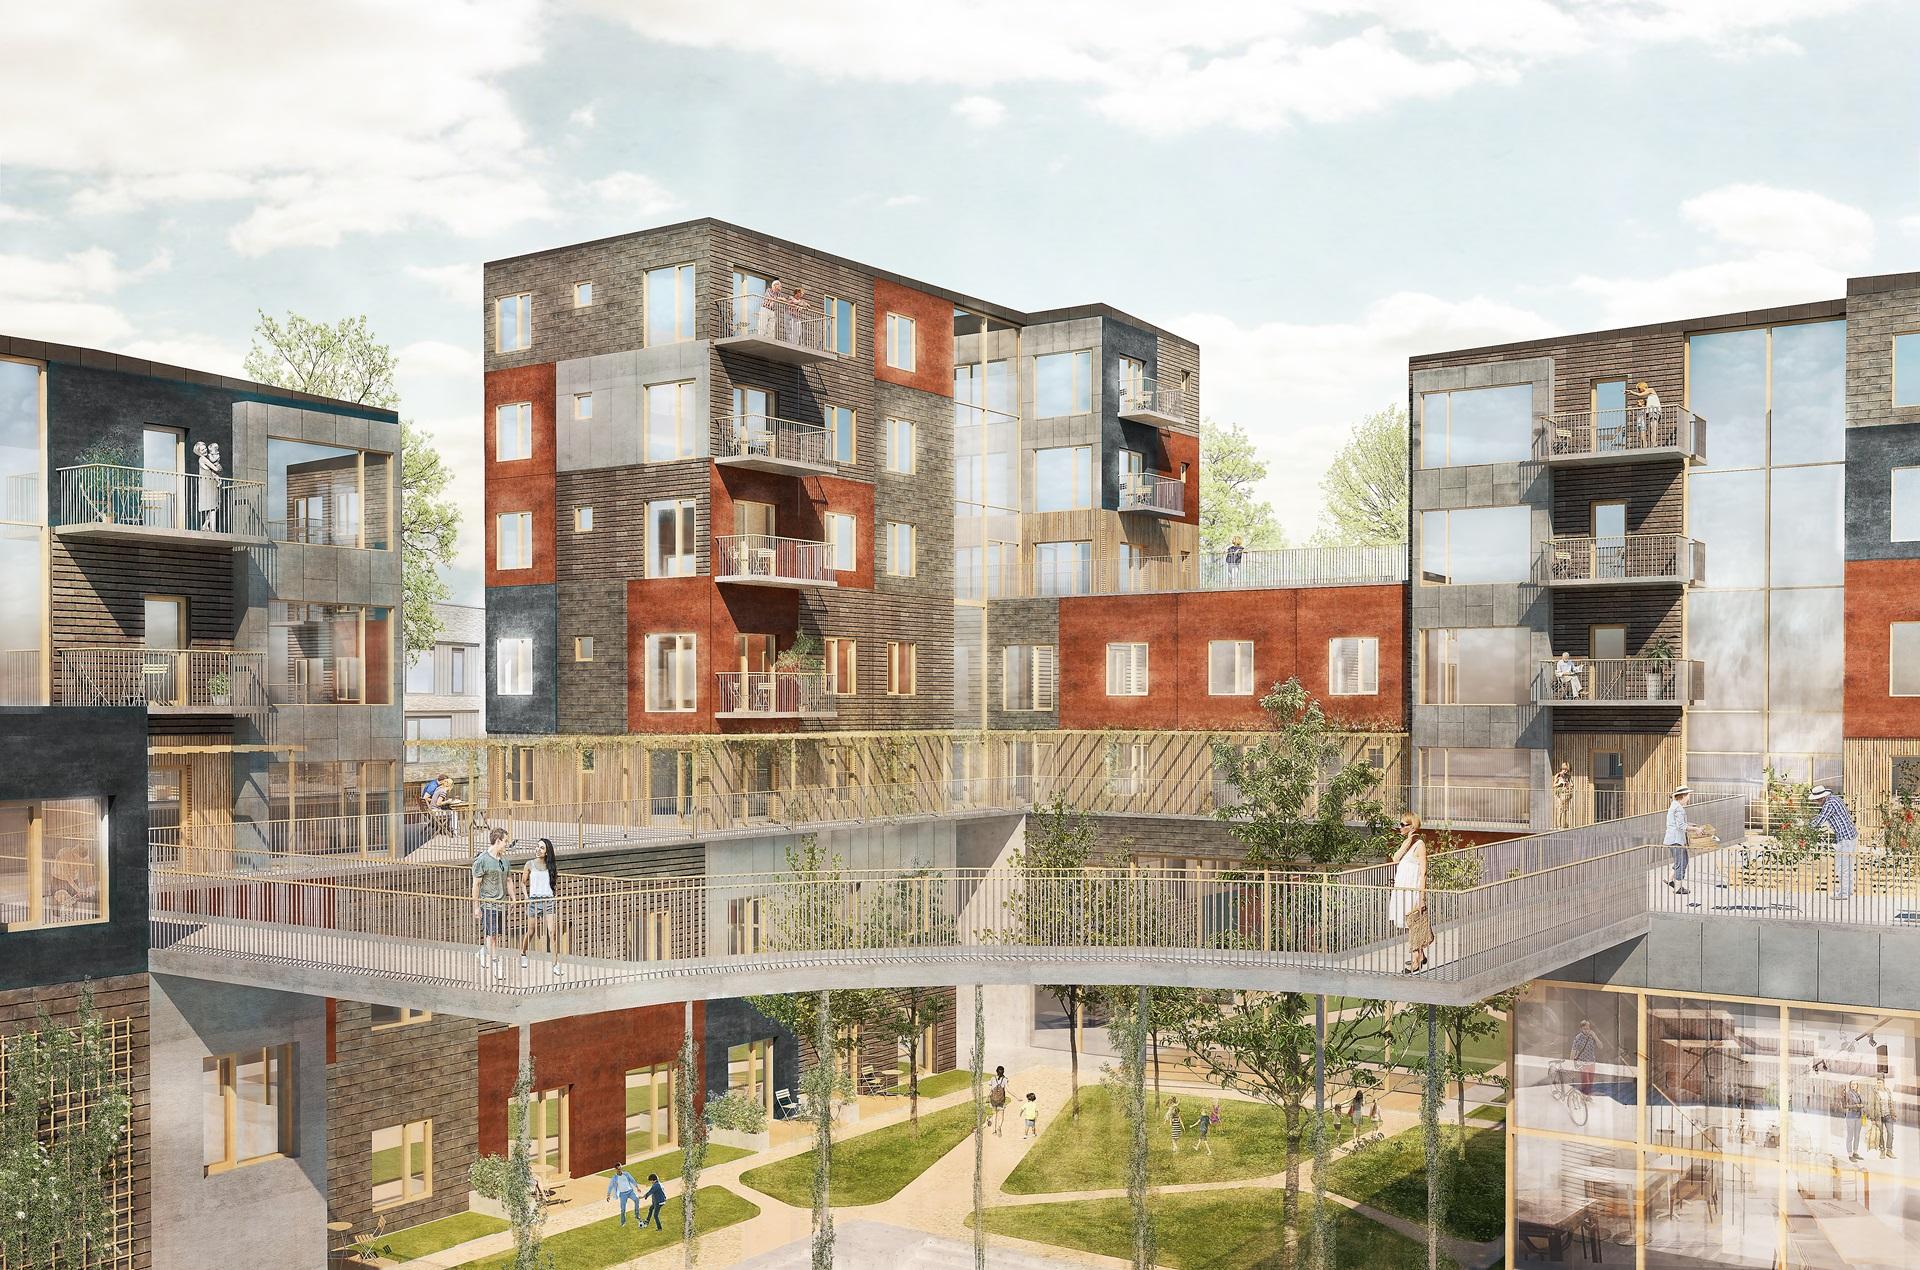 Godt Byggefællesskab vil opføre Danmarks højeste træhus - Building EY48